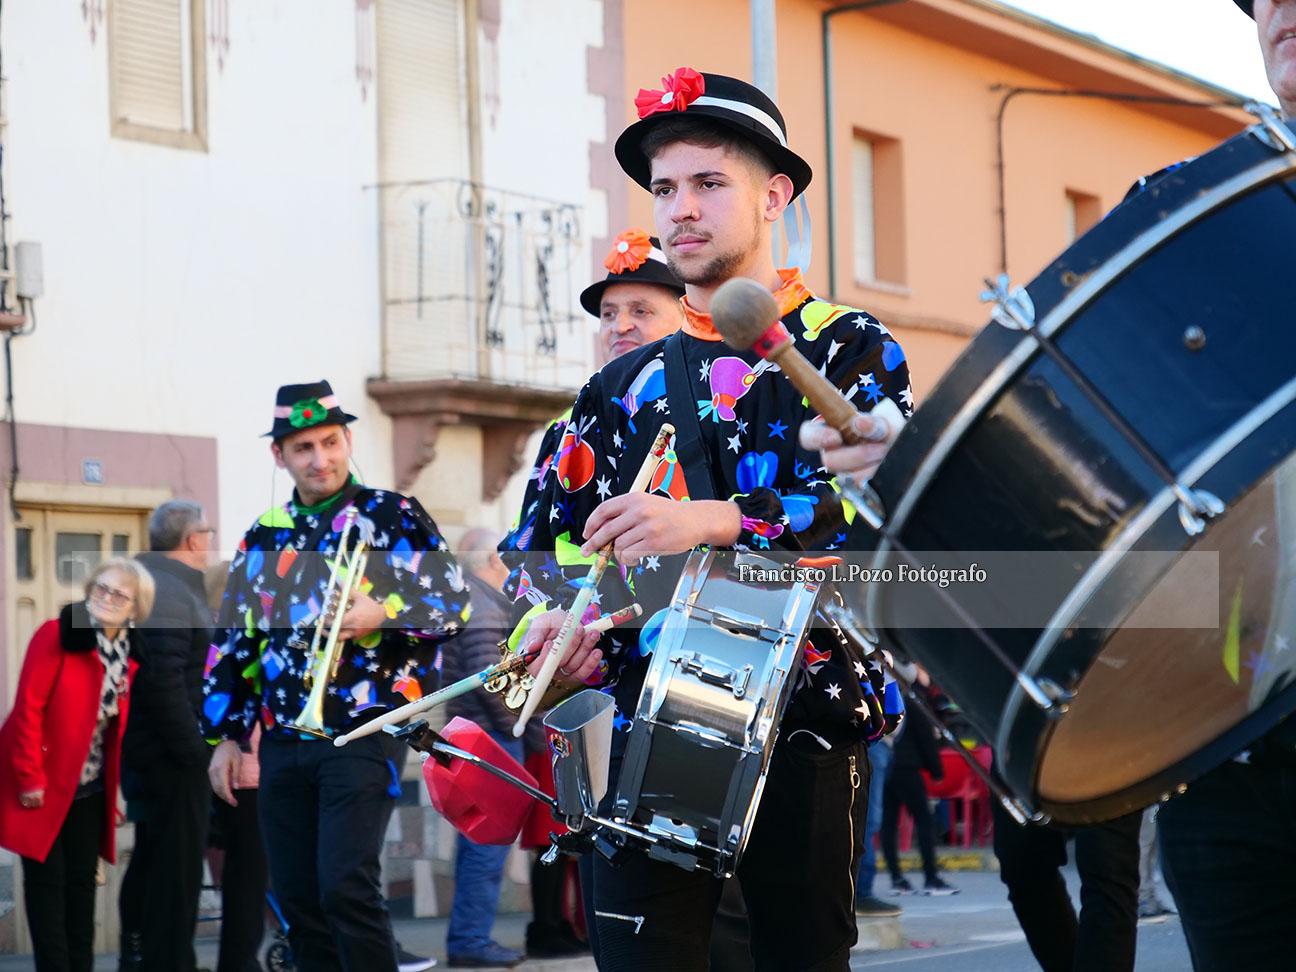 Carnaval 2020: Camponaraya sale a la calle a ritmo de comparsa 53